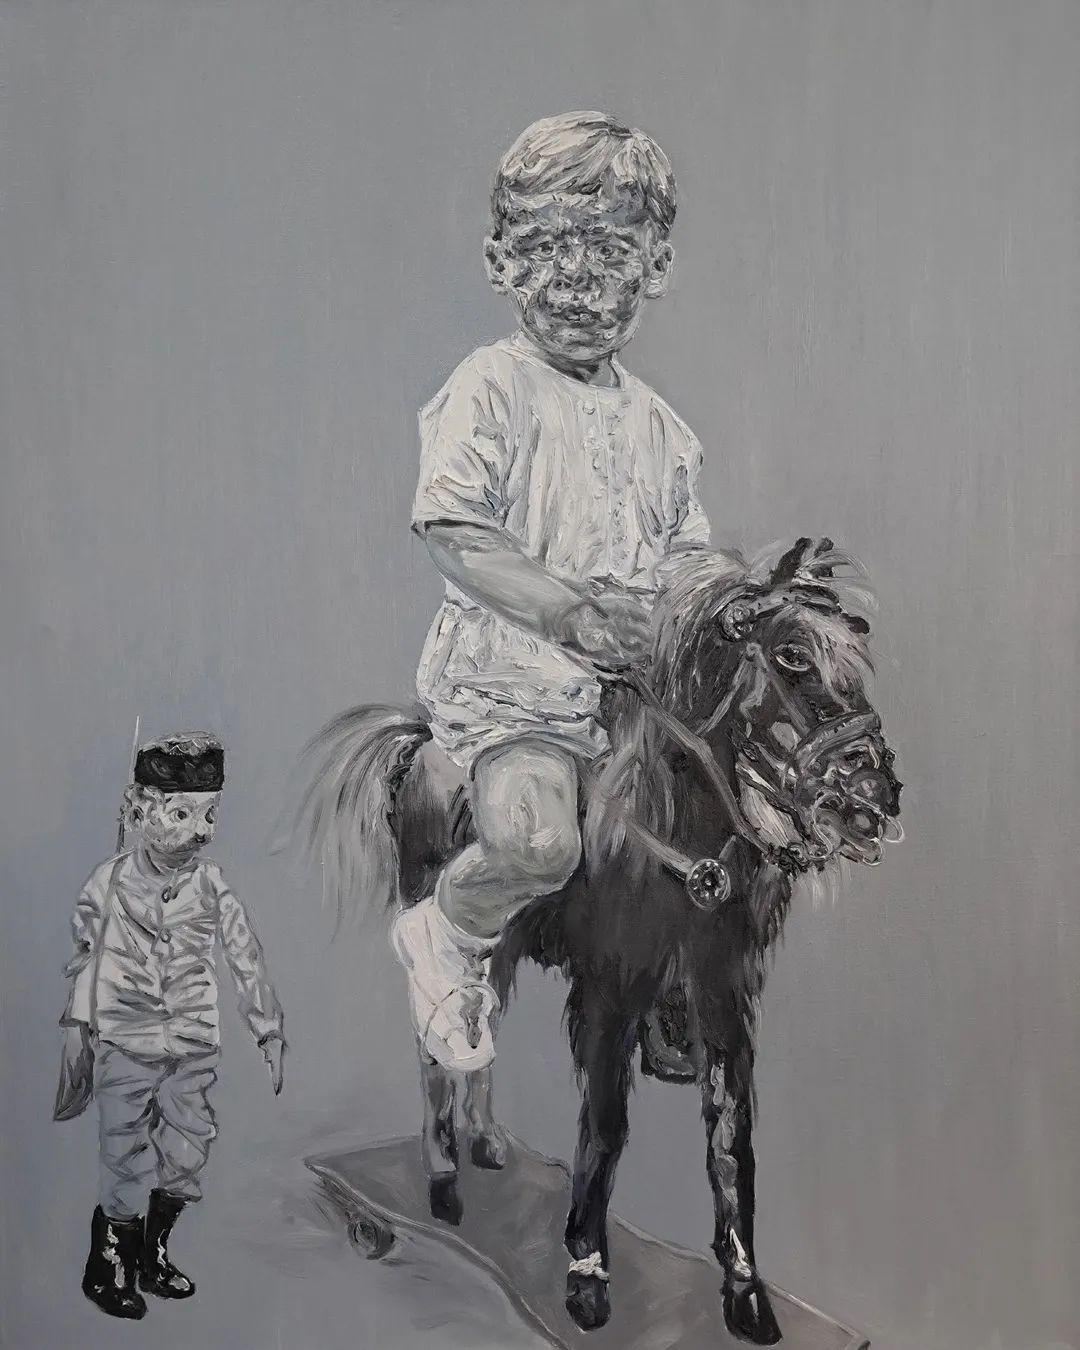 中国当代绘画艺术展作品欣赏之 孙振飞插图3